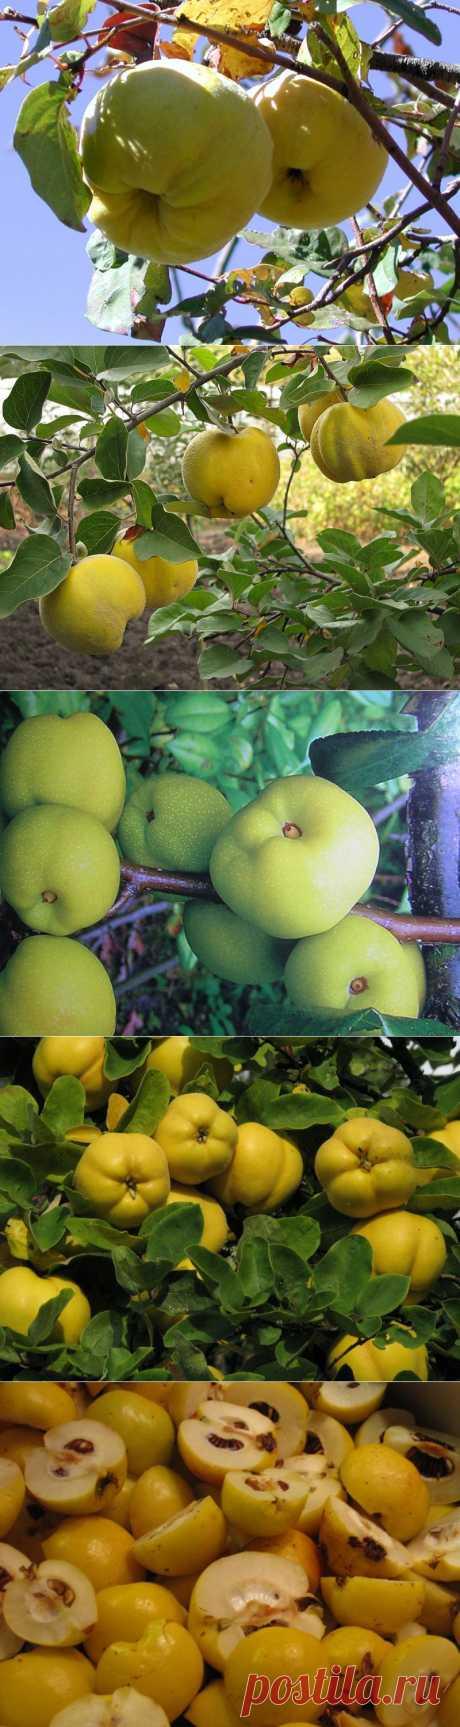 """Айва - """"благородное яблоко"""". Посадка,уход, сорта. Айва – это невысокое деревце, вырастающее в высоту до 3,5 м и живущее в среднем до 60 лет. Цветет оно обычно в мае-июне. Очень любит свет и влагу, но в тоже время отлично переносит засуху и наводнения. Корни растения в земле лежат неглубоко, айва хорошо приживается на почвах с неглубоким залеганием грунтовых вод. Высаживать айву нужно на ровном участке или на пологих склонах. Лучшим местом будет южная и открытая часть дачного участка."""